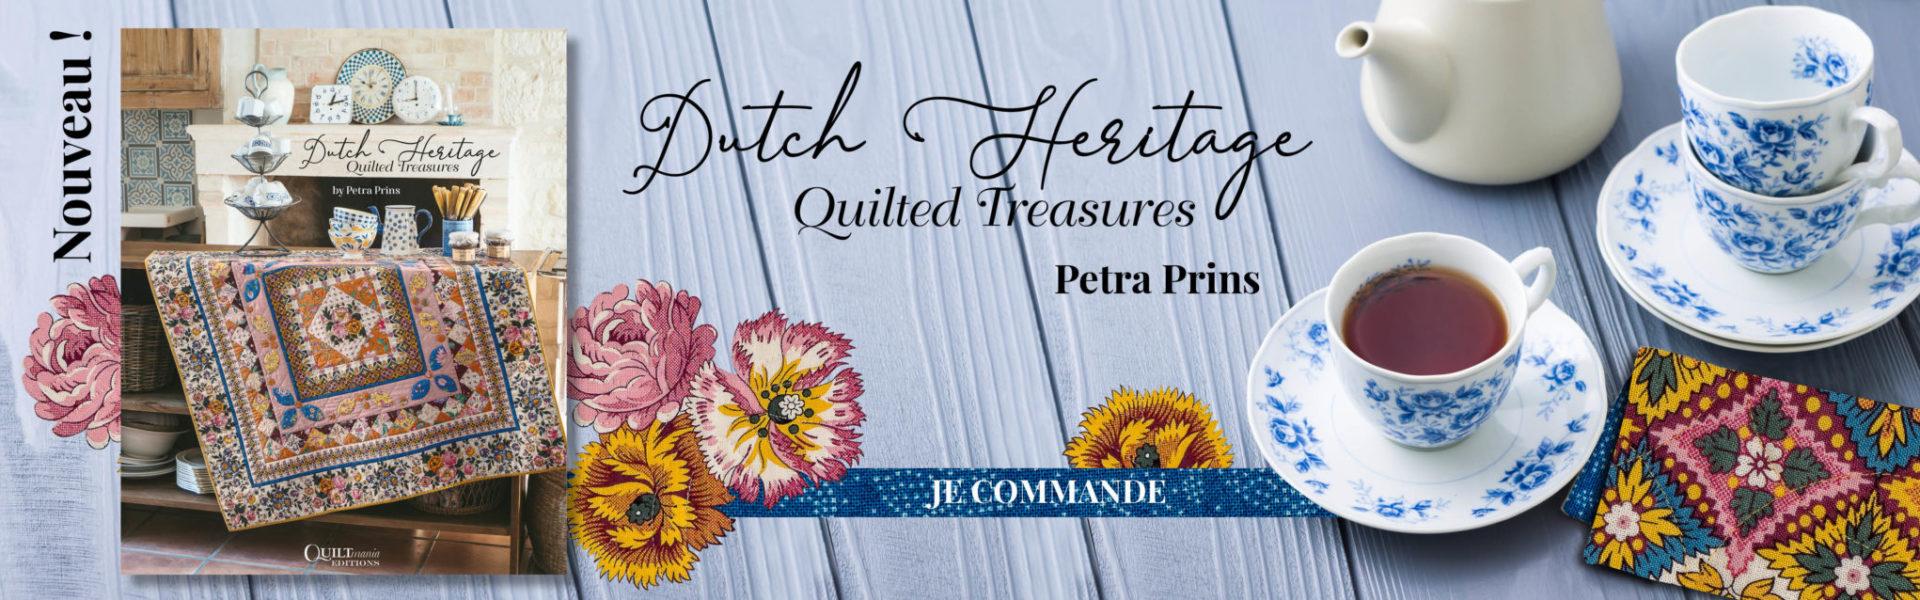 Banniere livre Dutch Heritage de Petra Prins Site FR